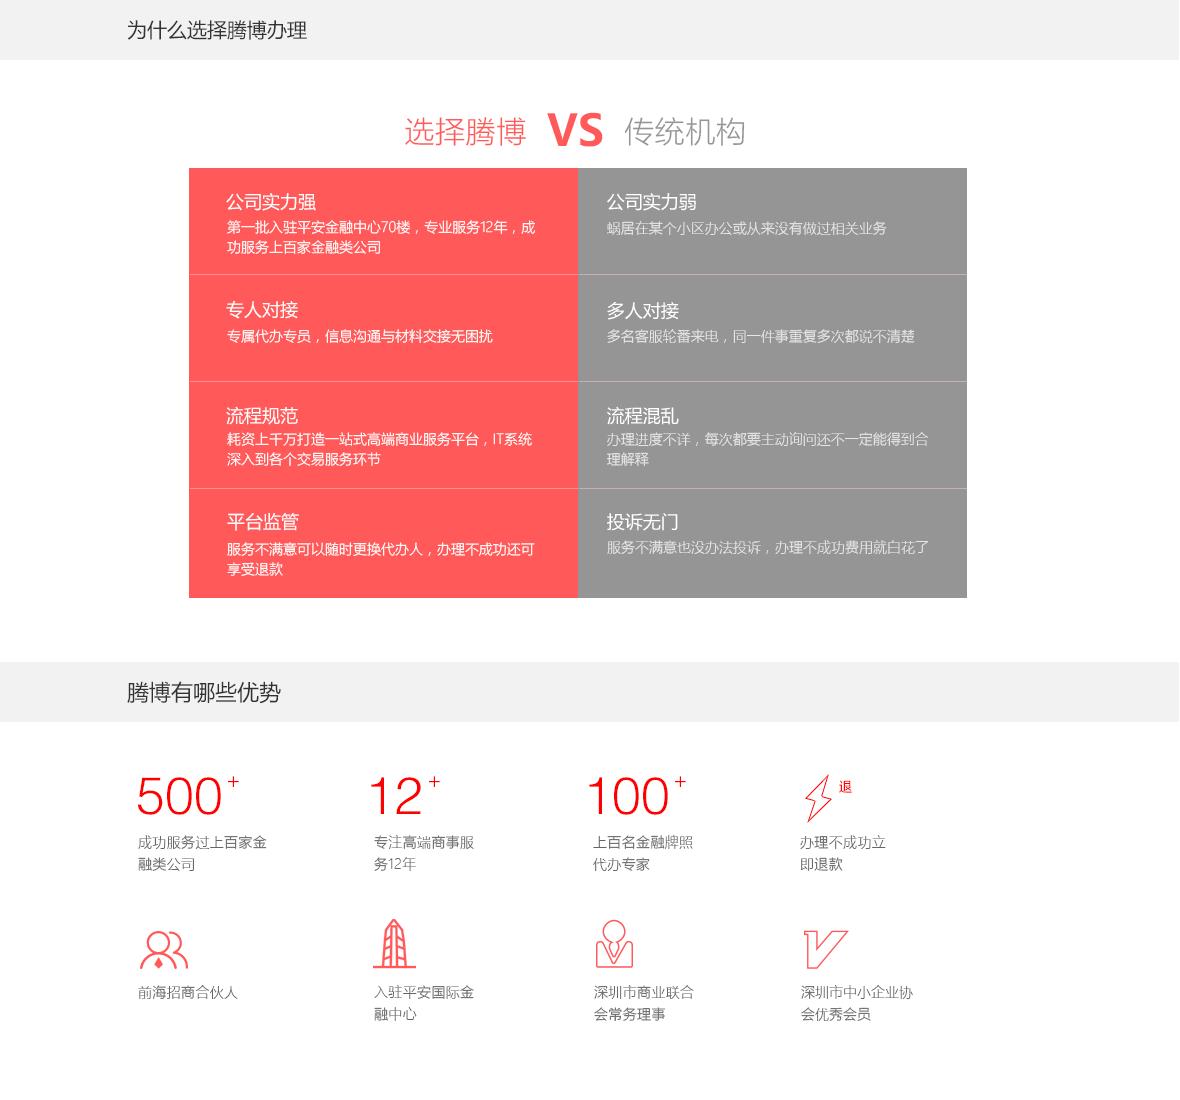 香港条形码注册_08.png